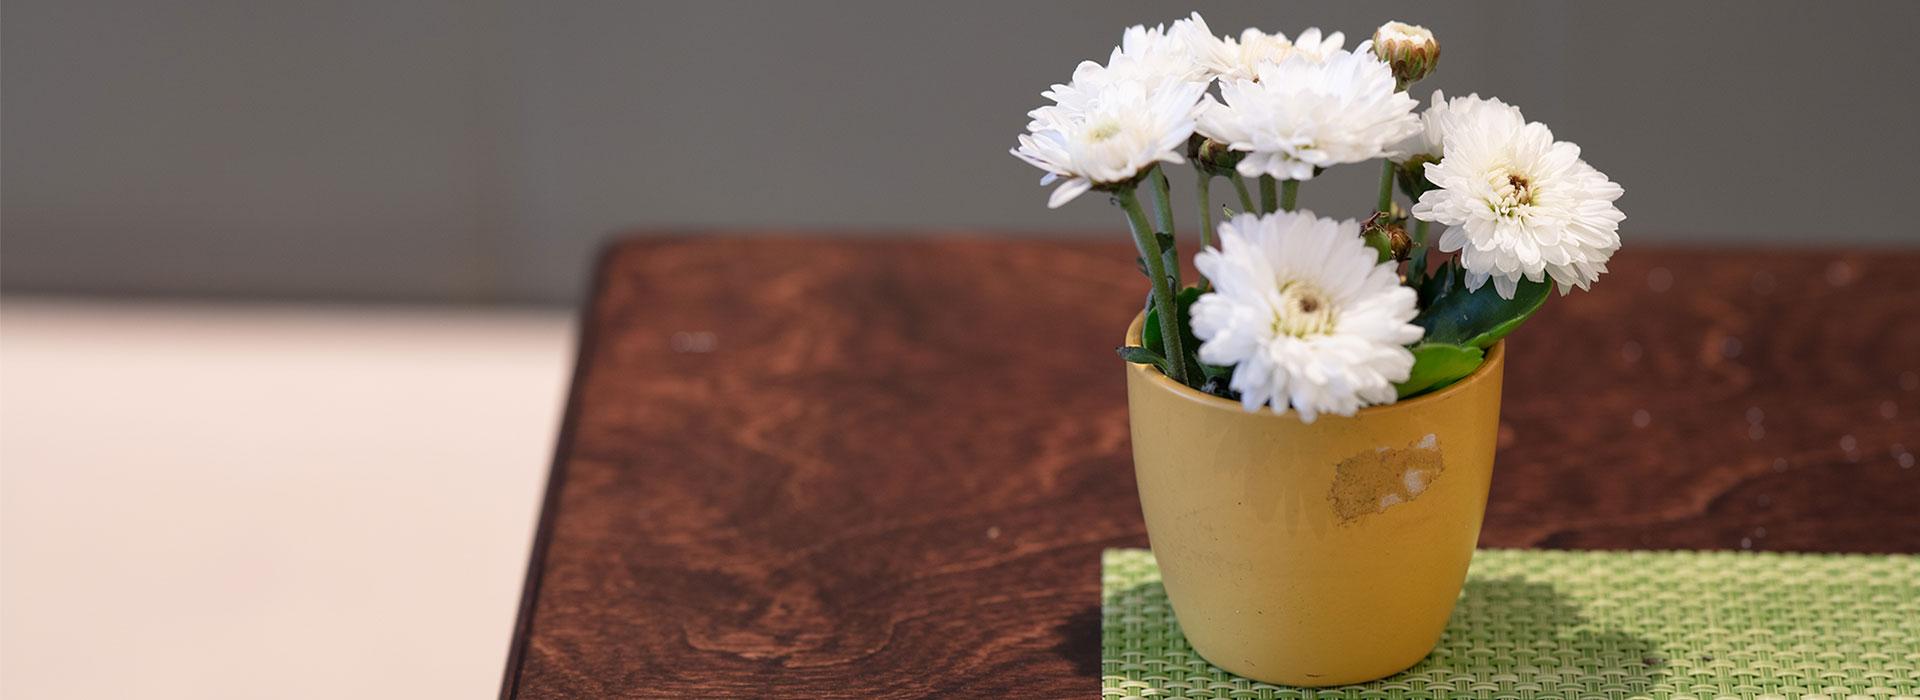 Blume auf dem Tisch in der Auszeit in Werne